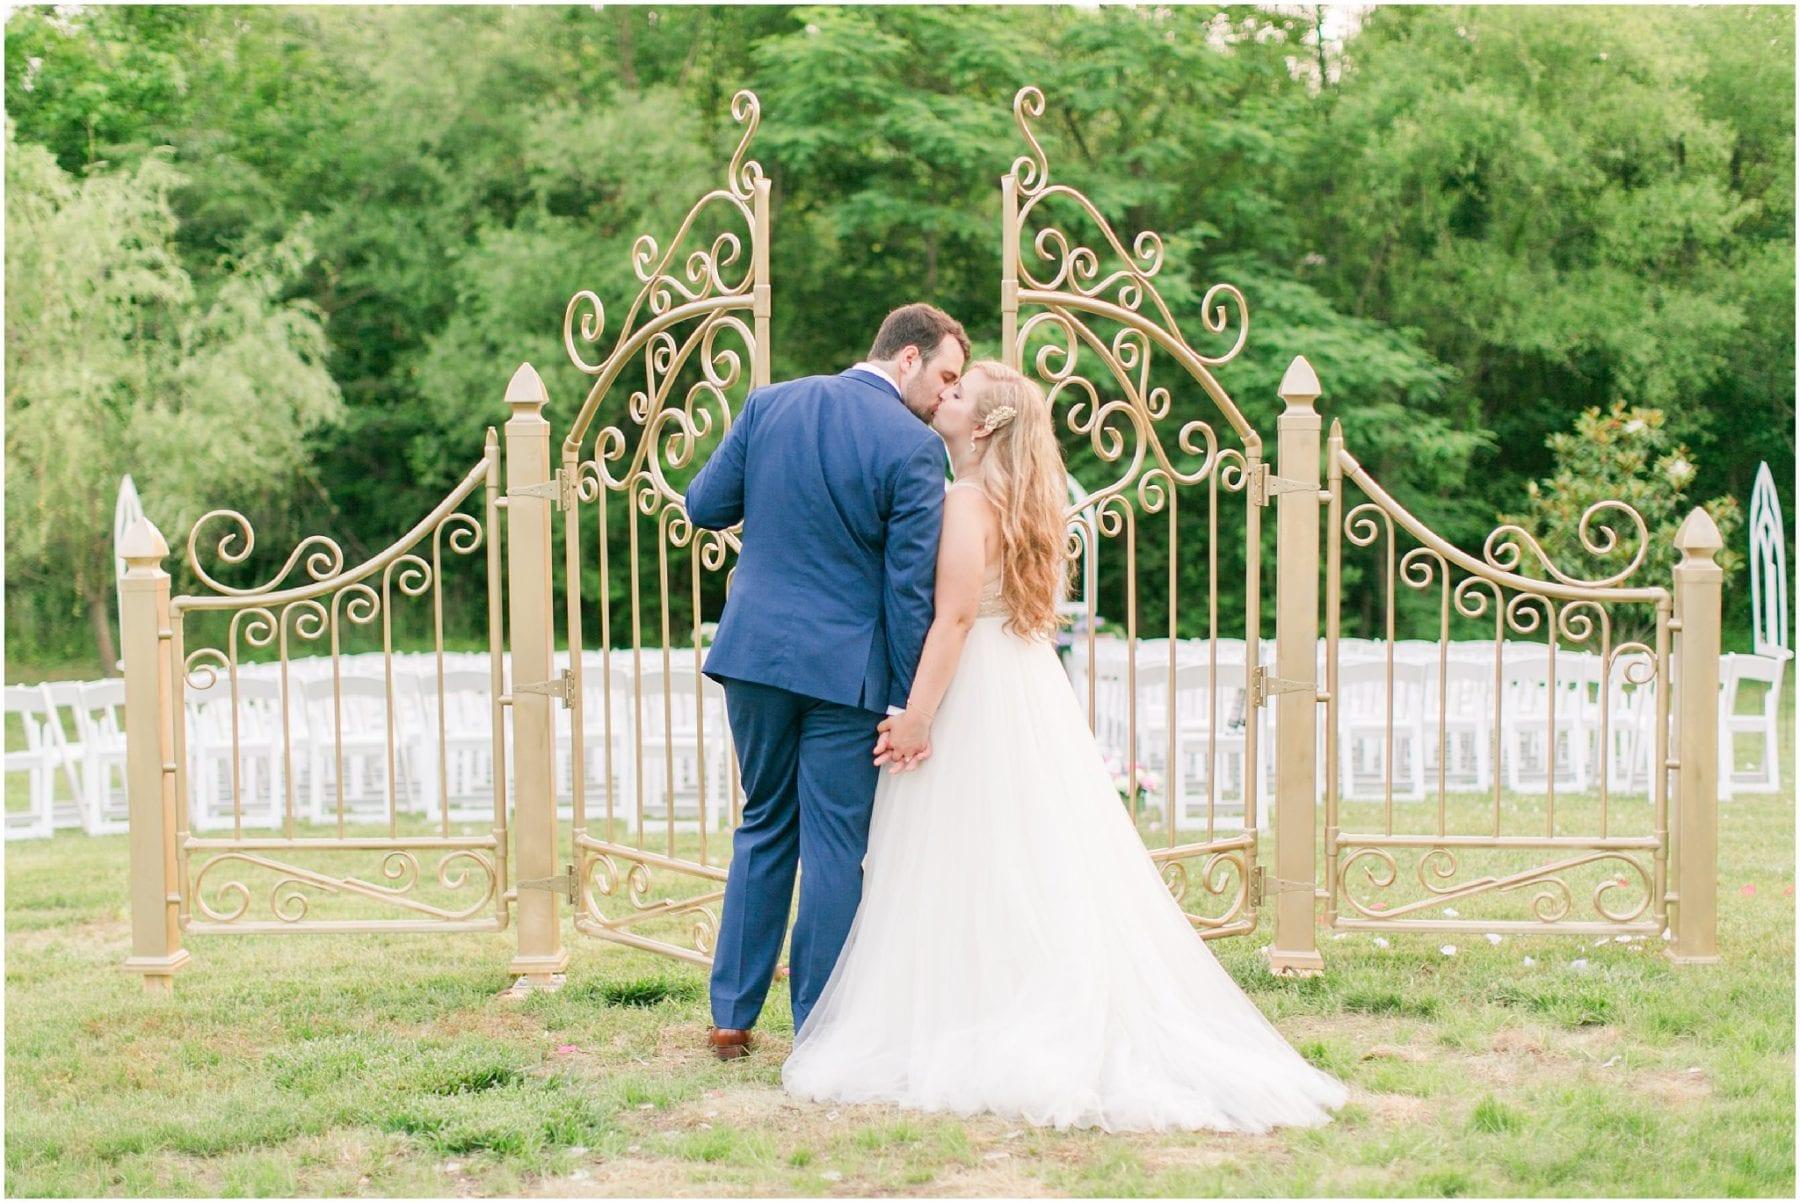 Maryland Backyard Wedding Photos Kelly & Zach Megan Kelsey Photography-283.jpg